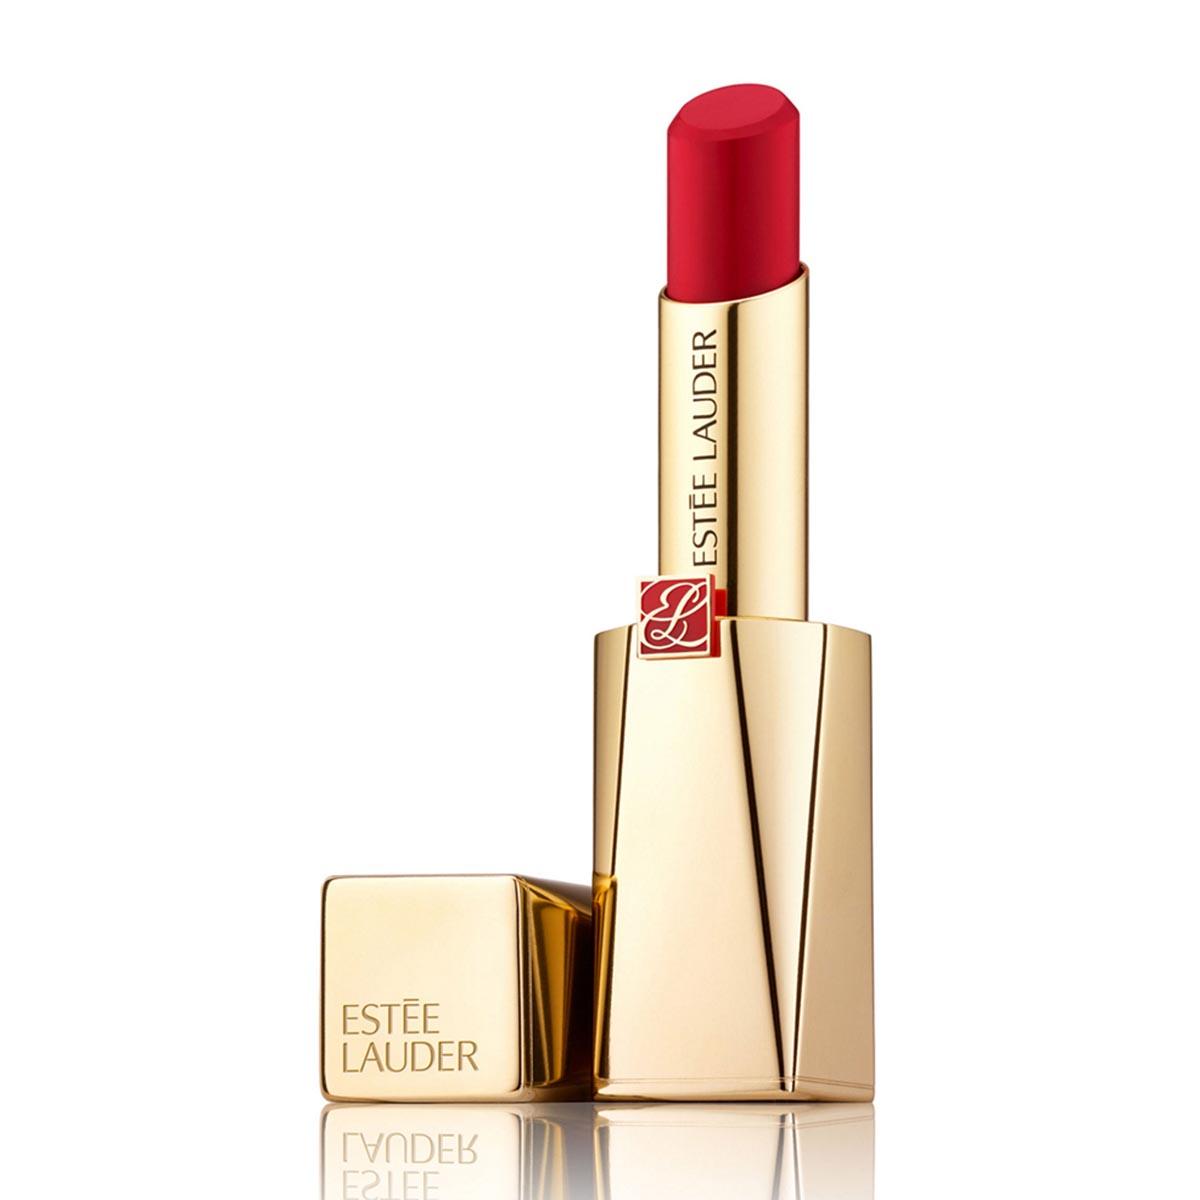 Estee lauder pure color desire rouge lipstick 304 rouge excess